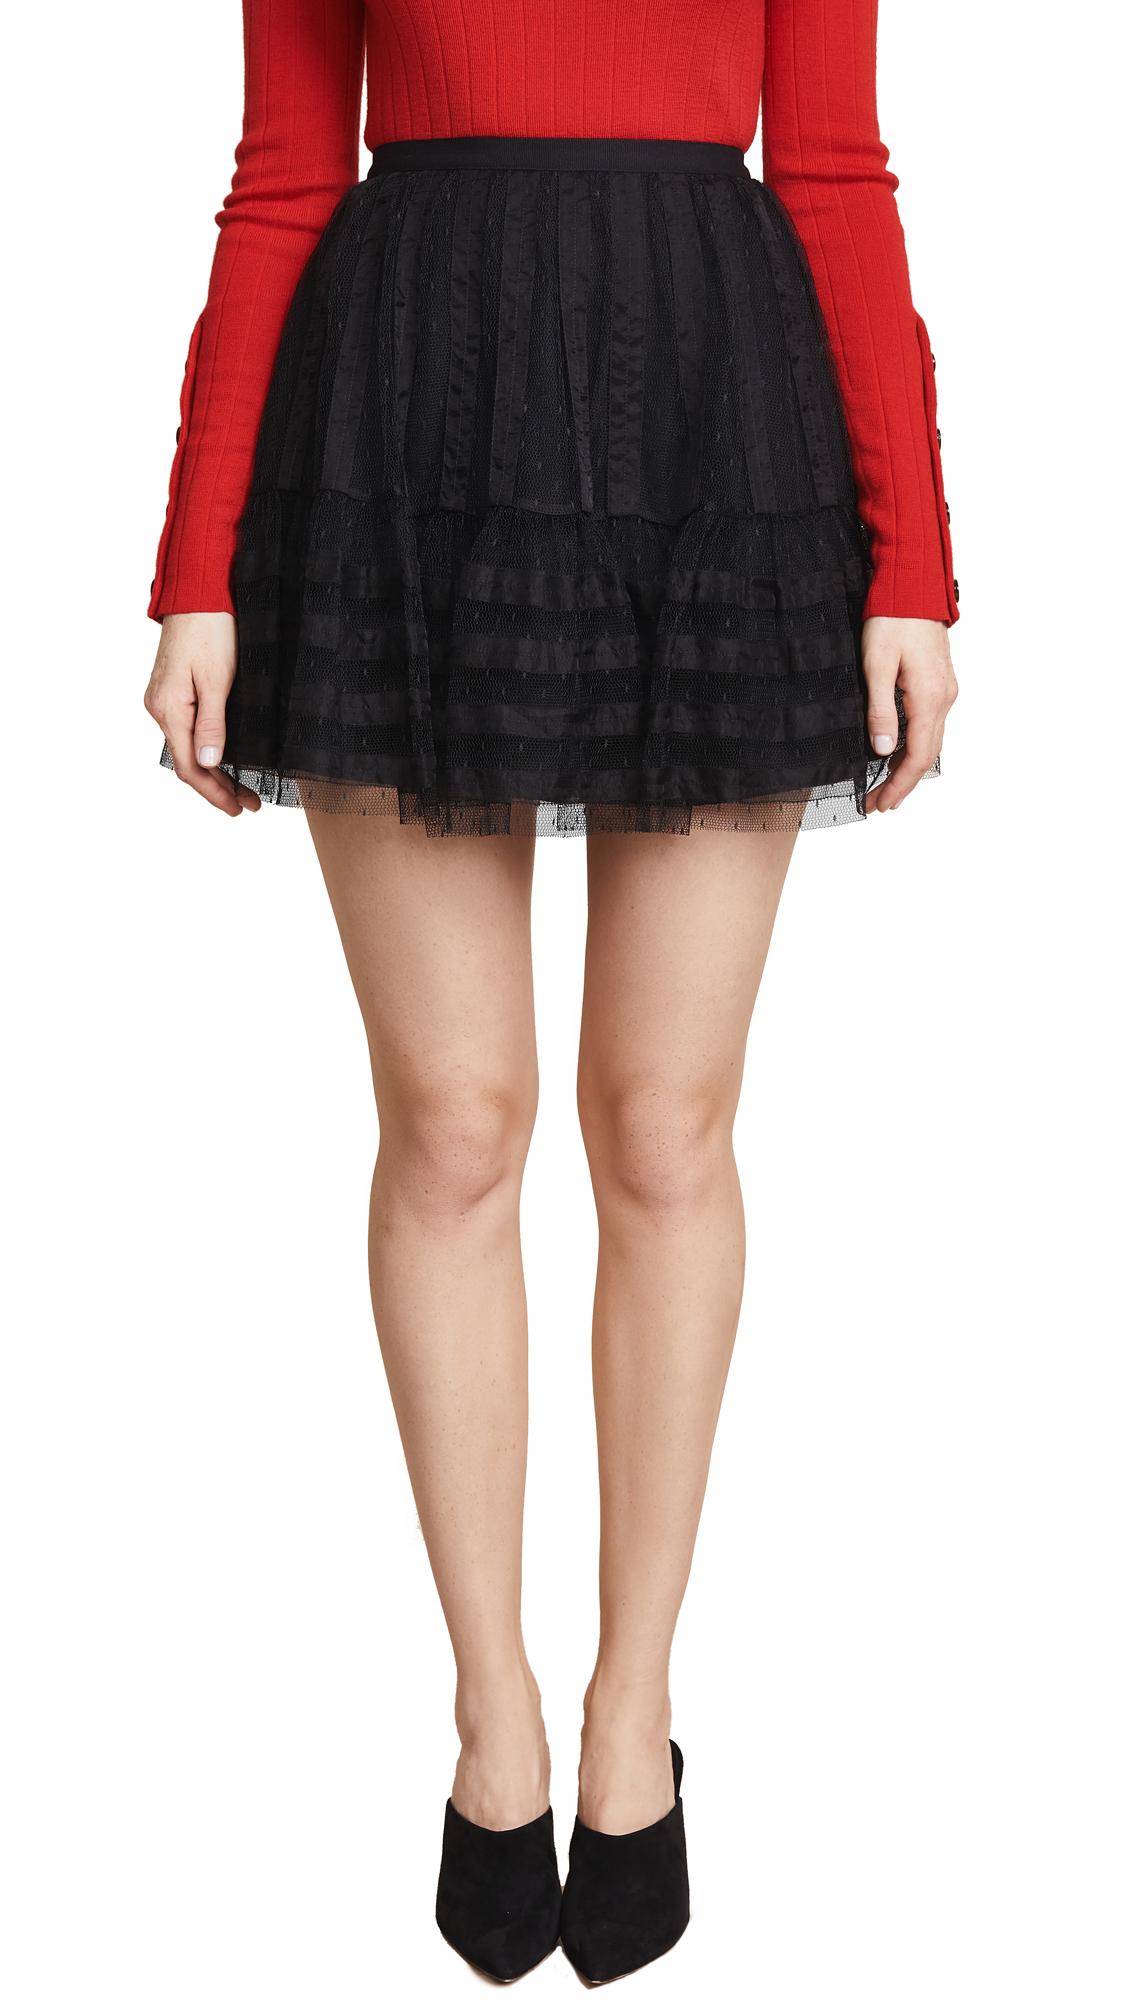 RED Valentino Textured Mini Skirt In Nero